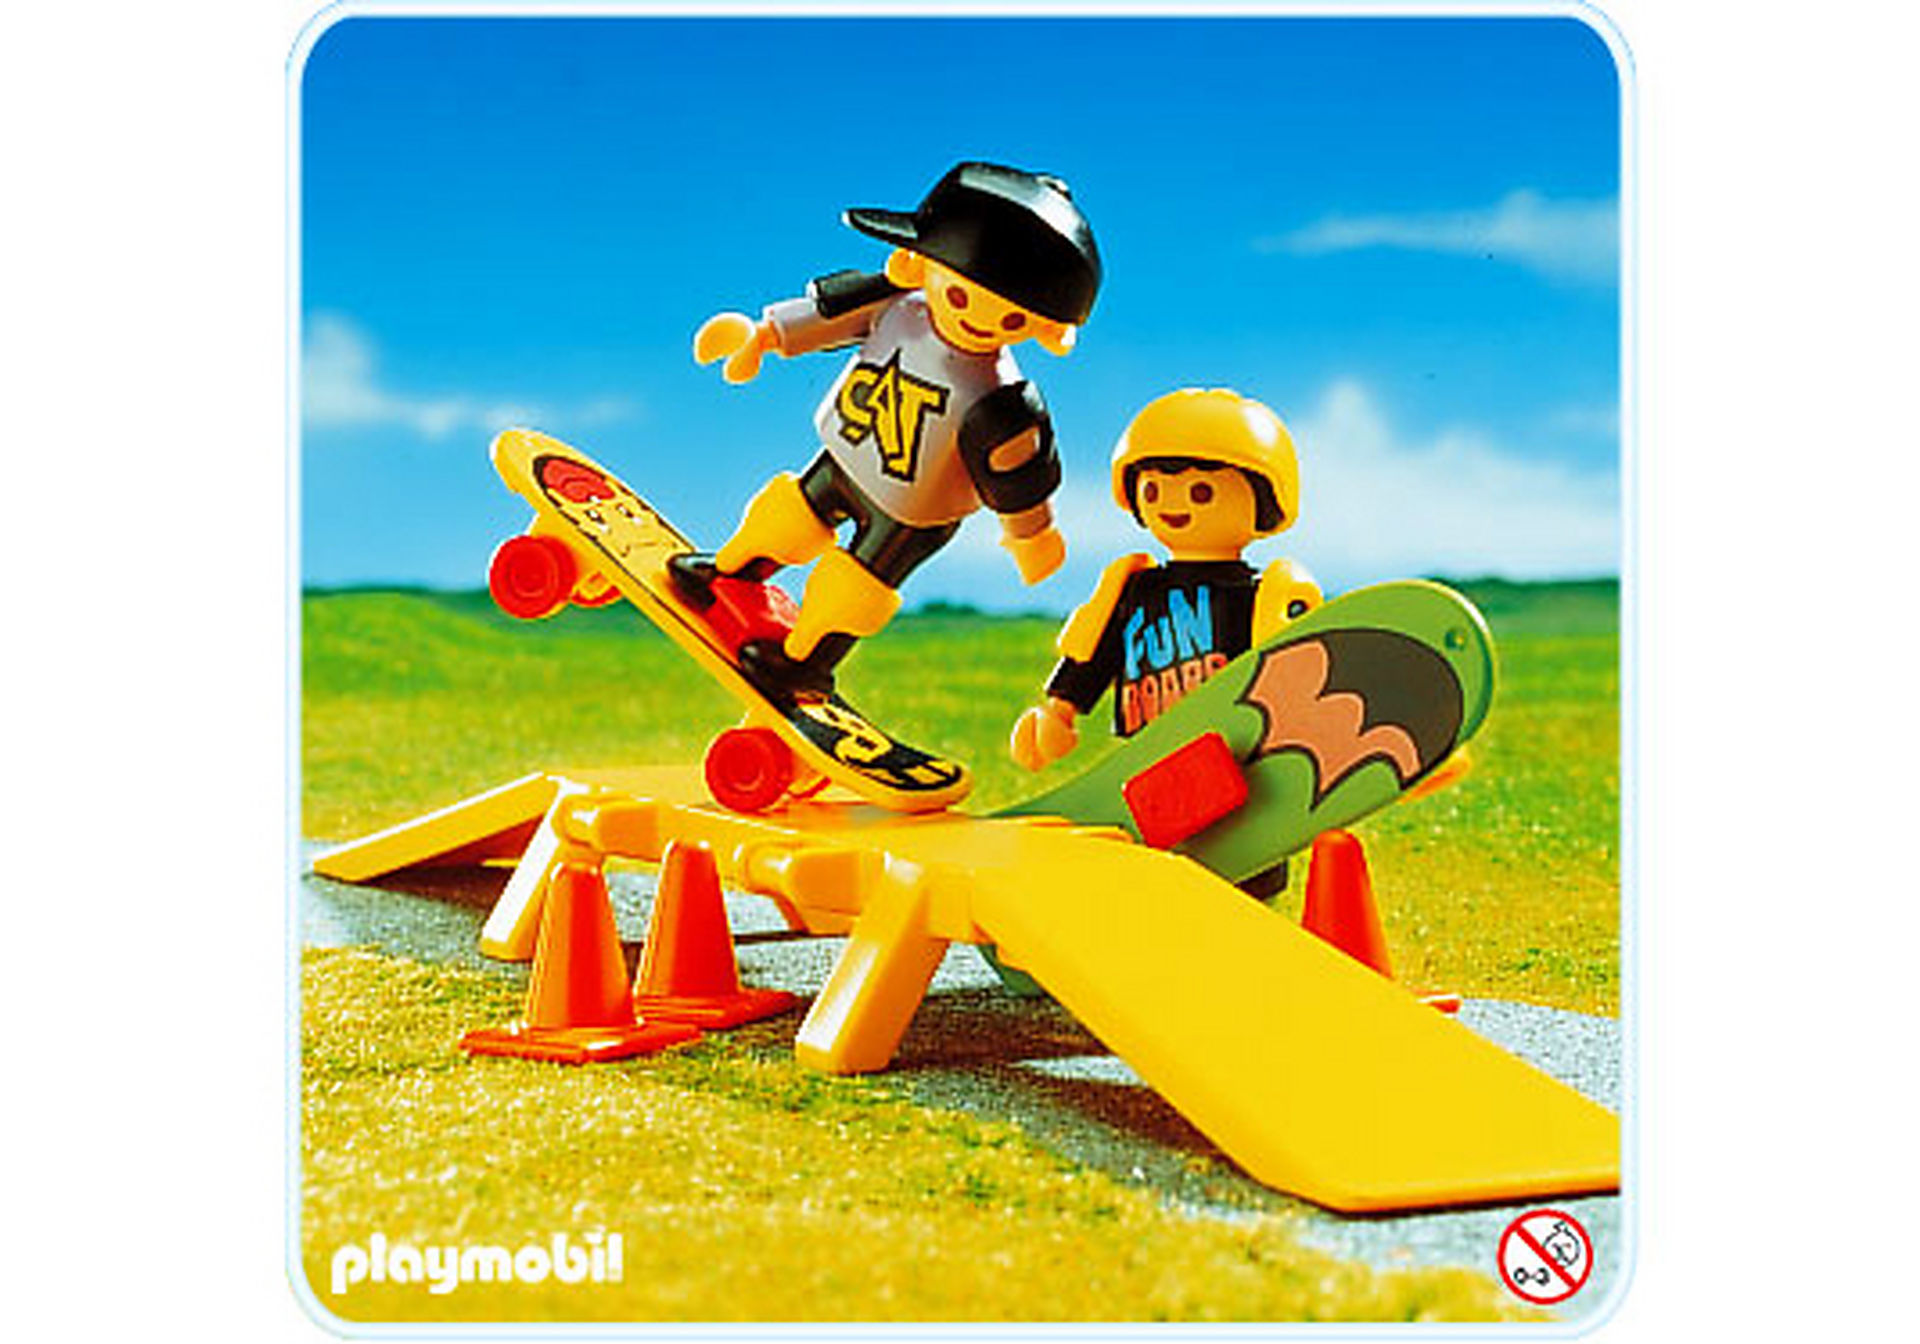 3709-A 2 Kinder/2 Skateboardfahrer zoom image1